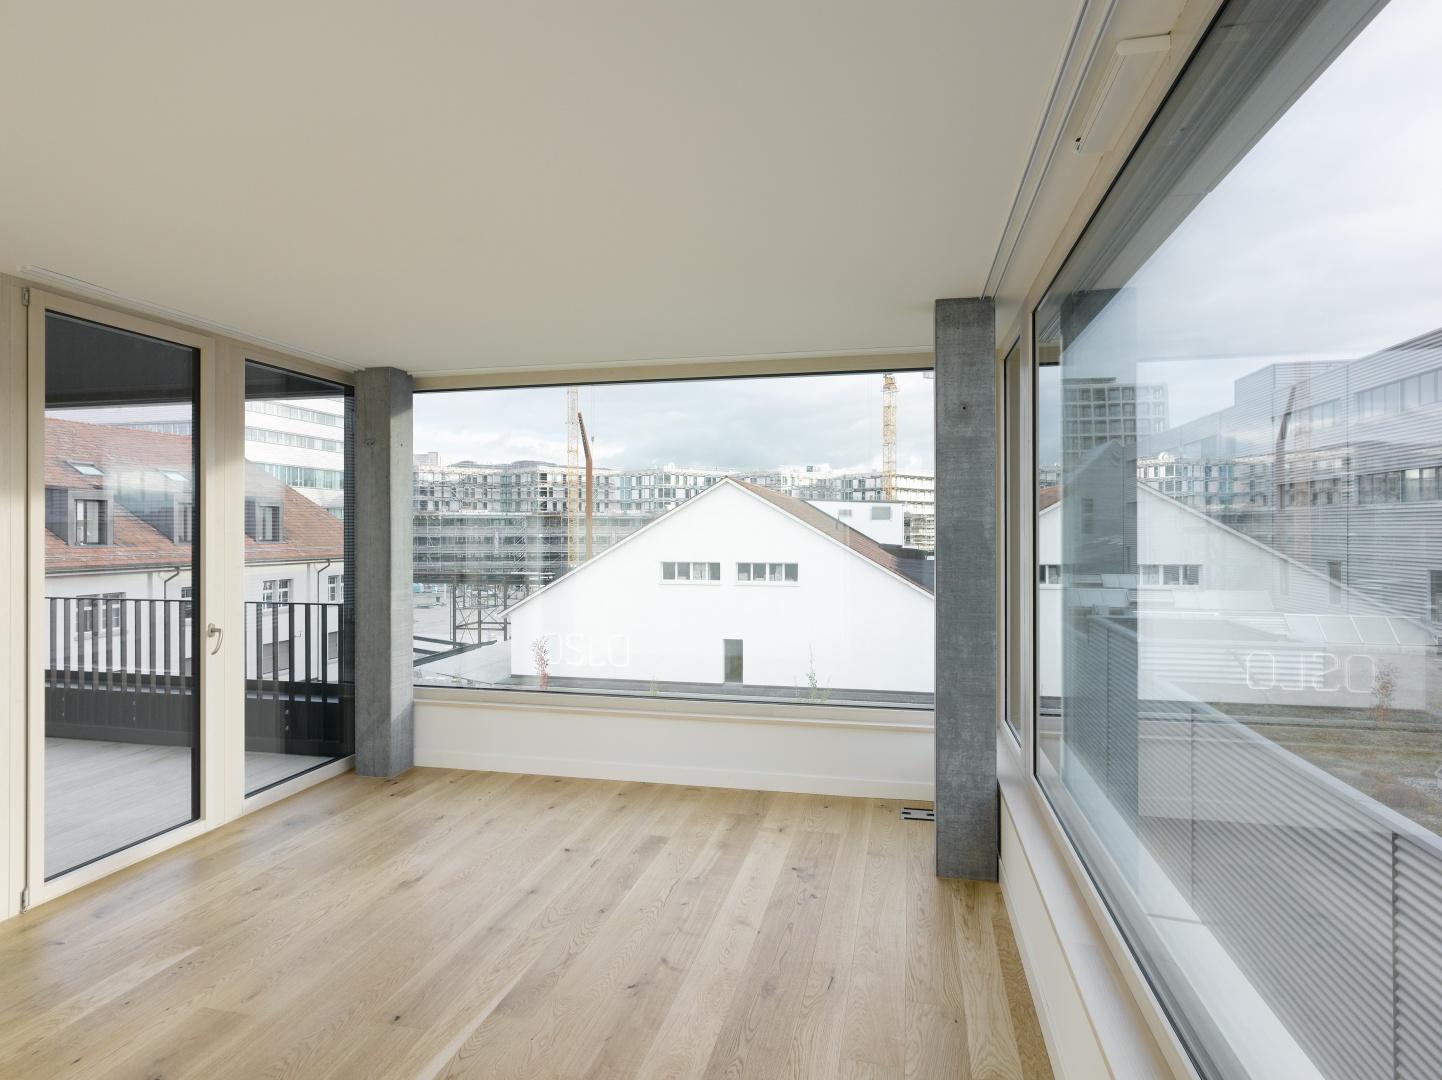 Grosszügige Wohnräume © Johannes Marburg, Genf